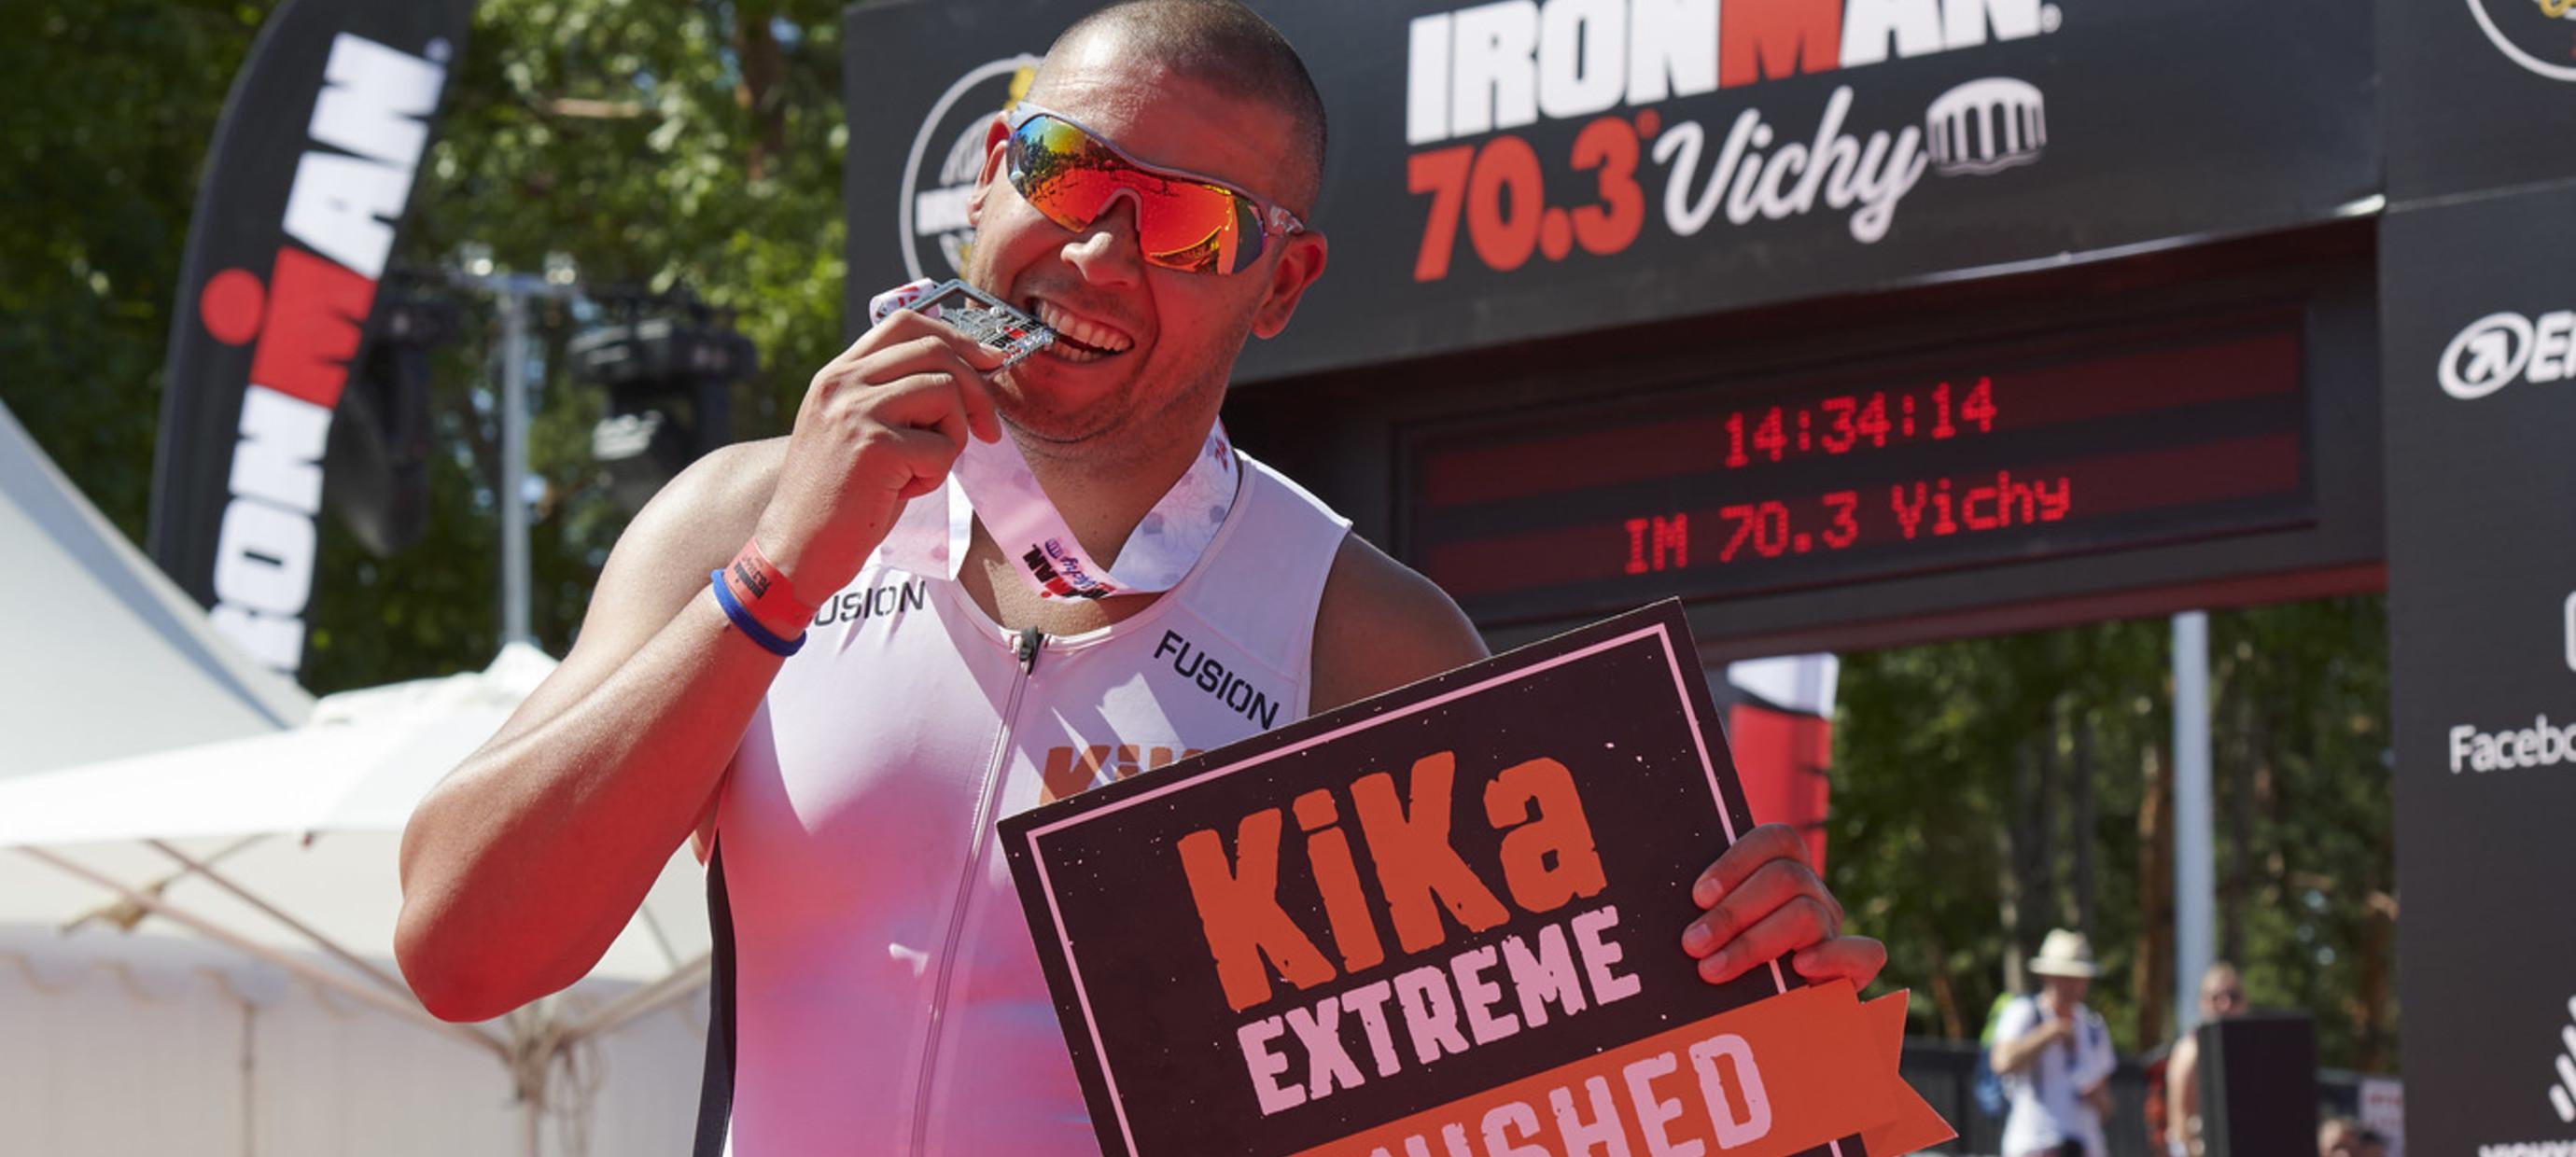 Een halve triatlon in Vichy voor kinderen met kanker!